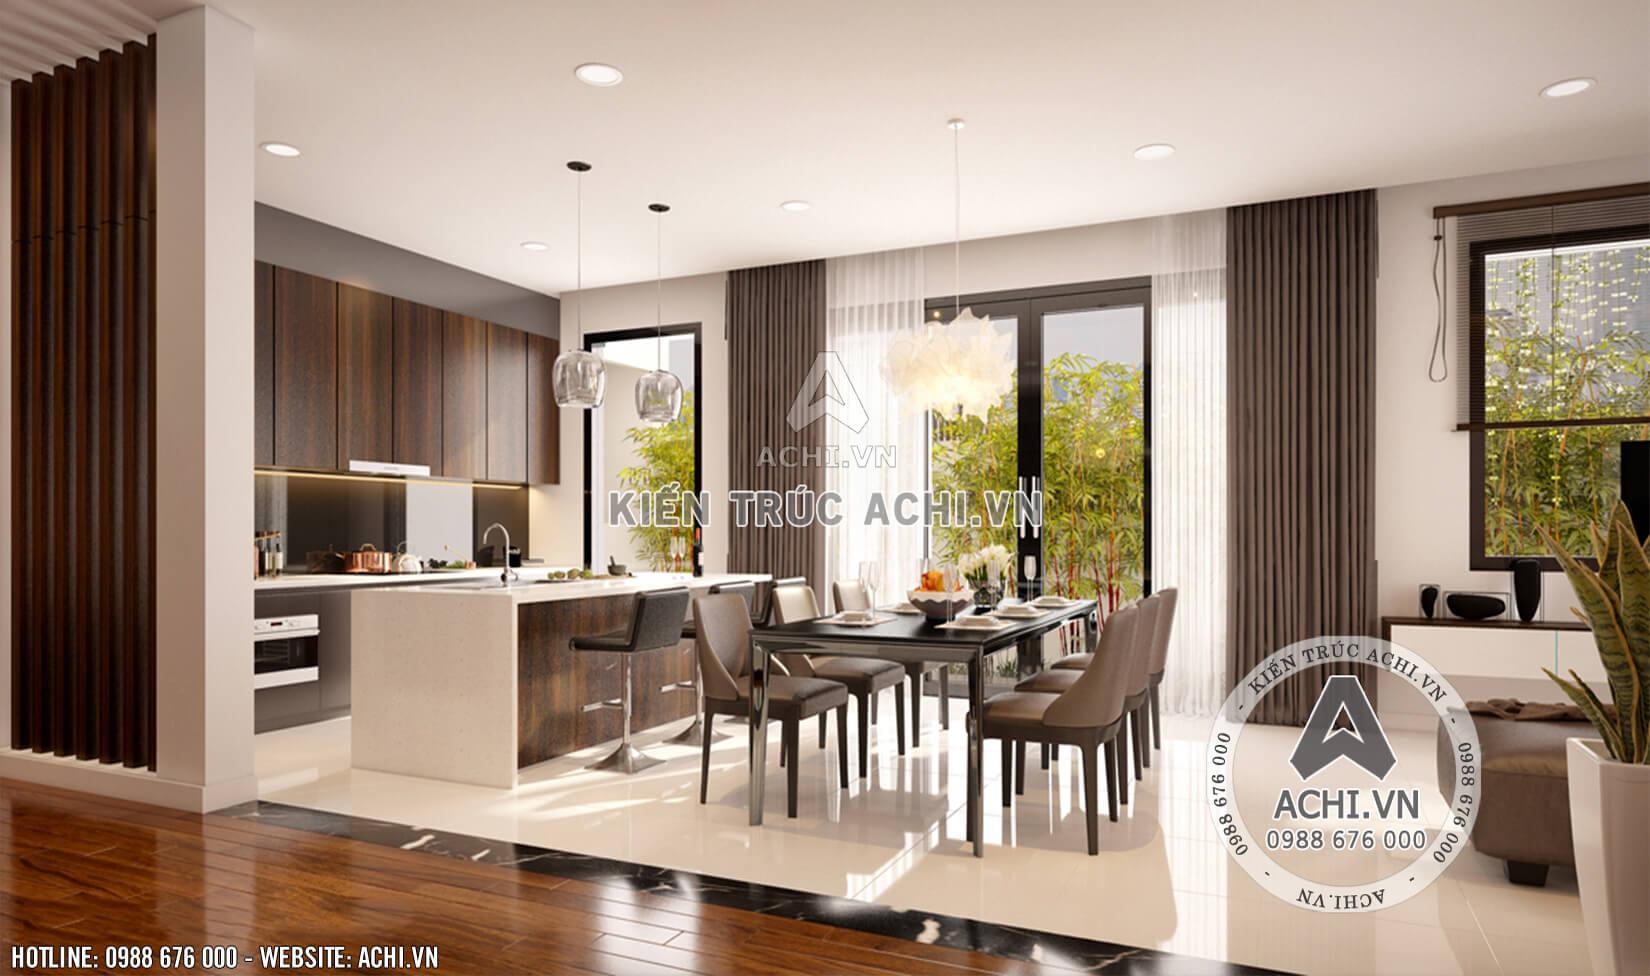 Nội thất phòng bếp thoáng rộng của mẫu nhà 2 tầng hiện đại